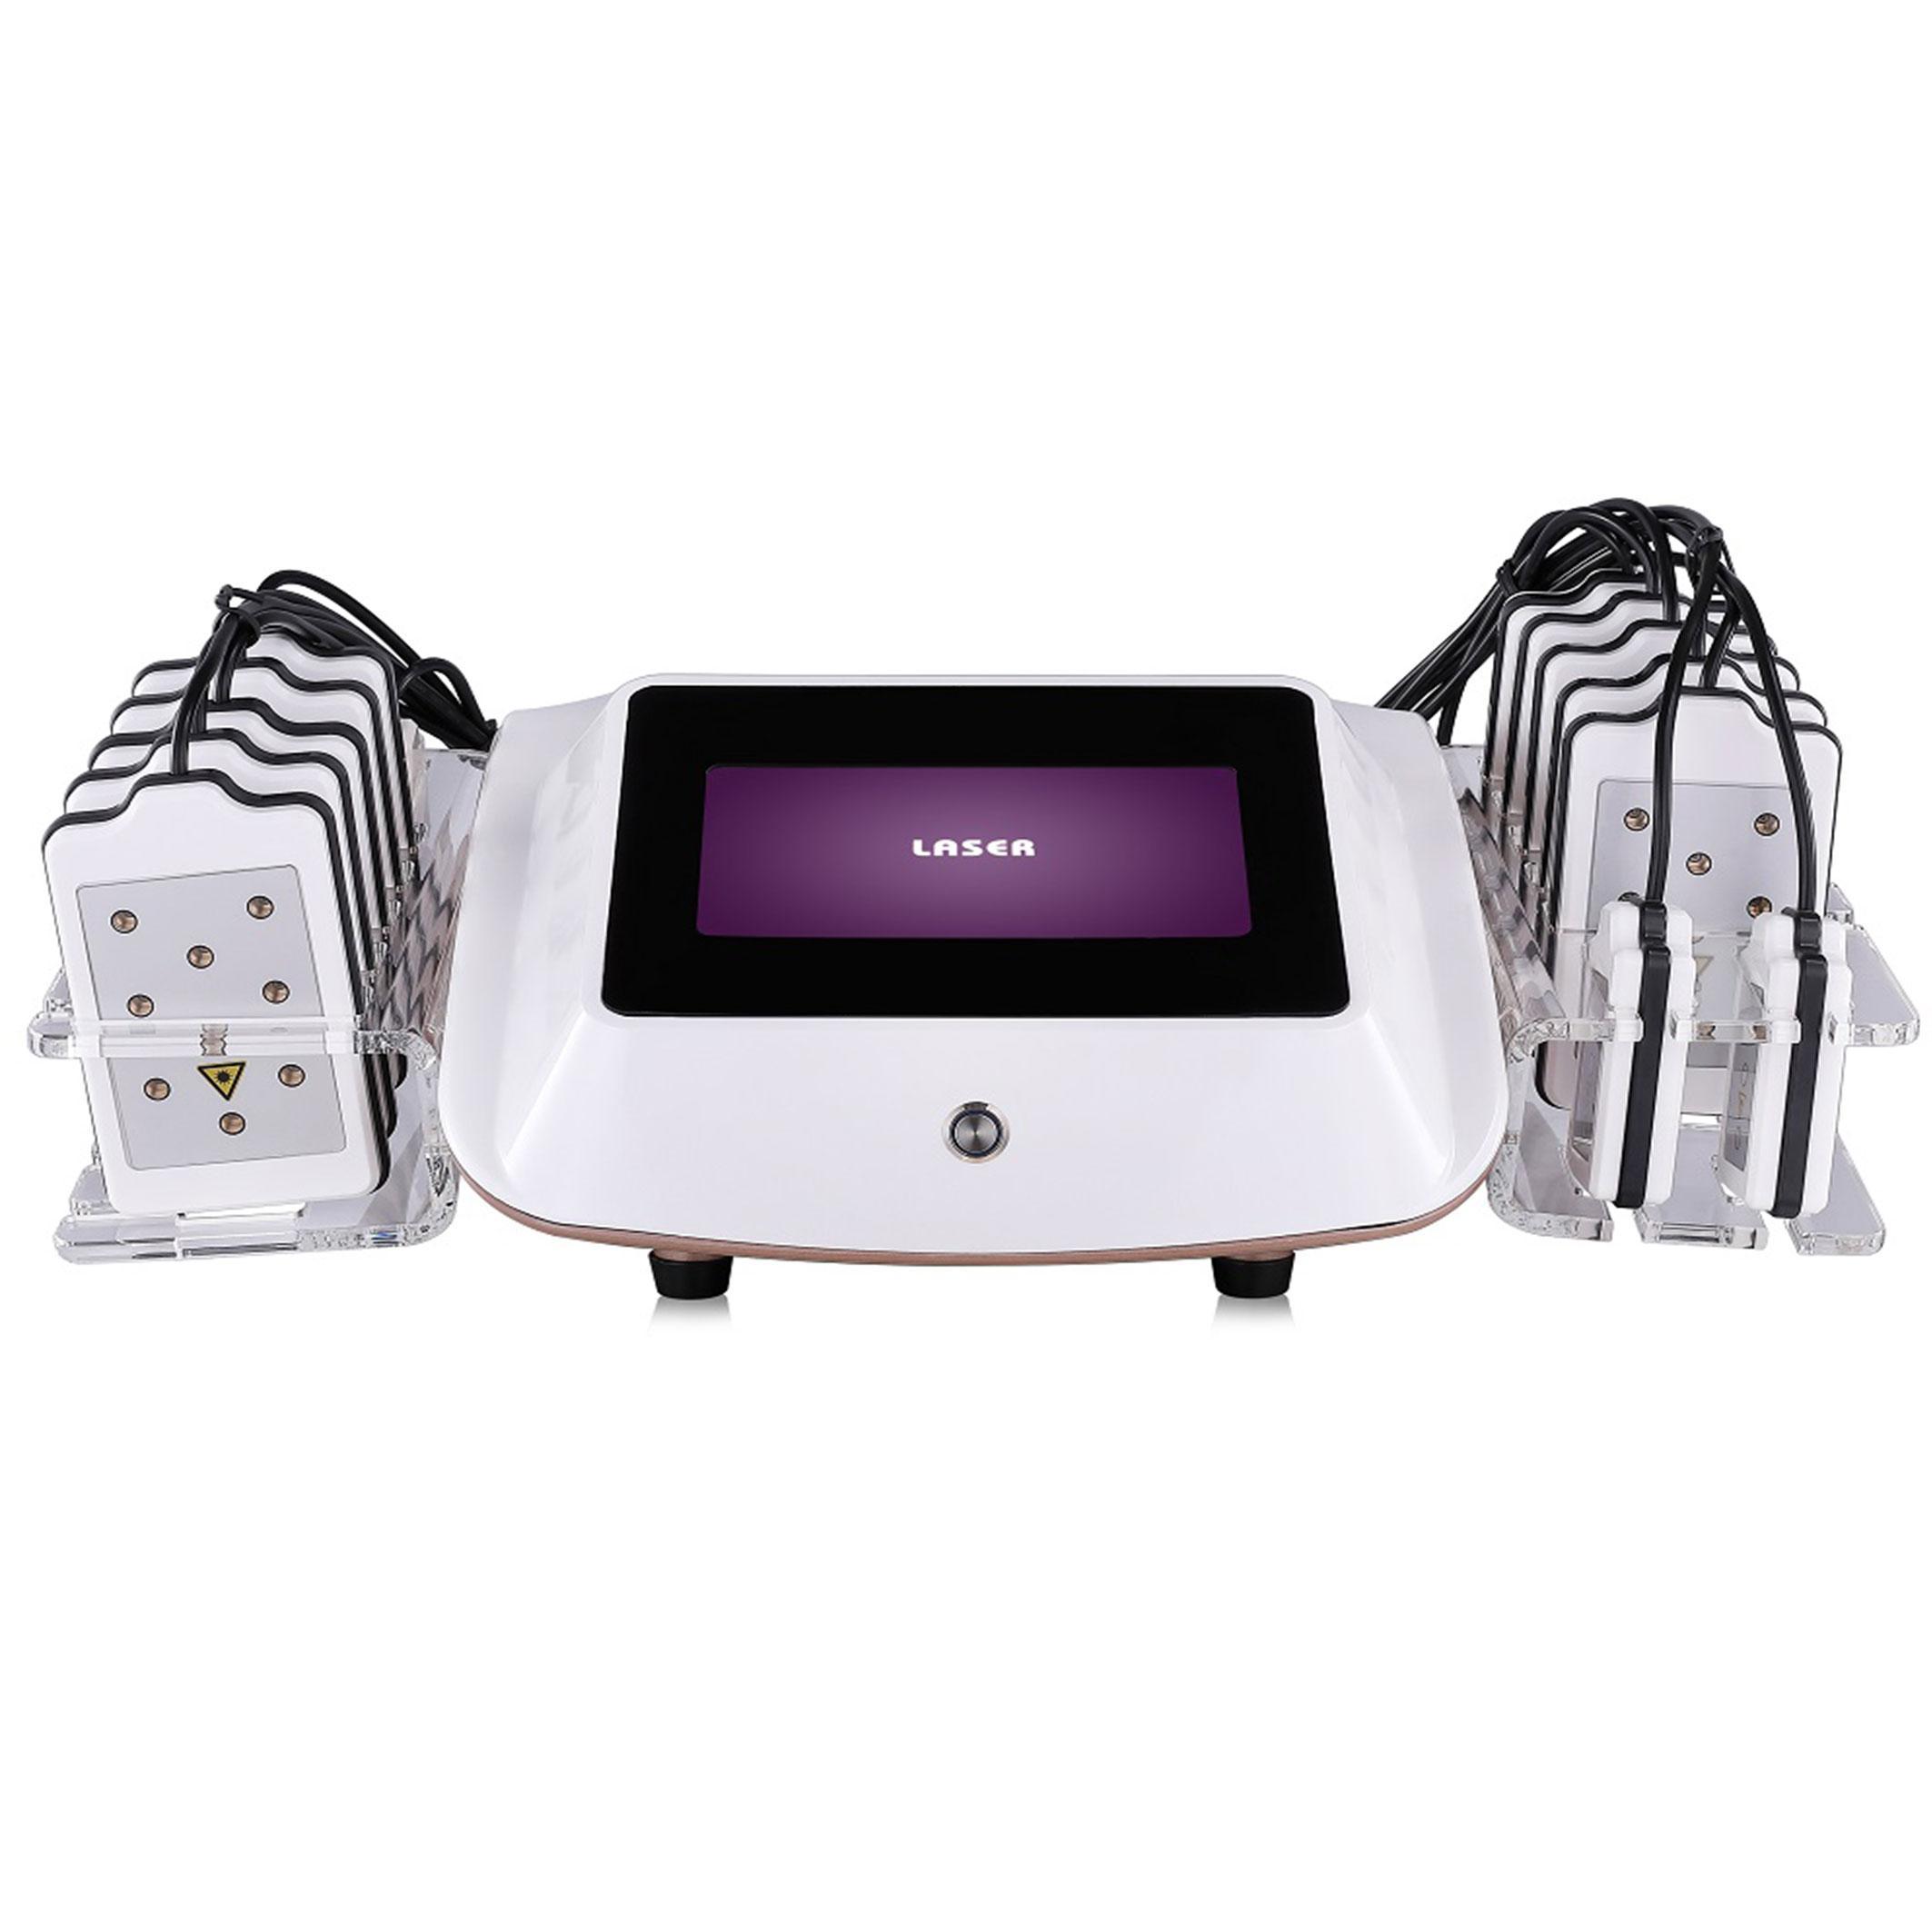 Satılık Vücut Şekillendirici Yağ Yakma Makinesi Soğutma 14 Lazer Pedler Diyot Lipo lazer zayıflama makinesi